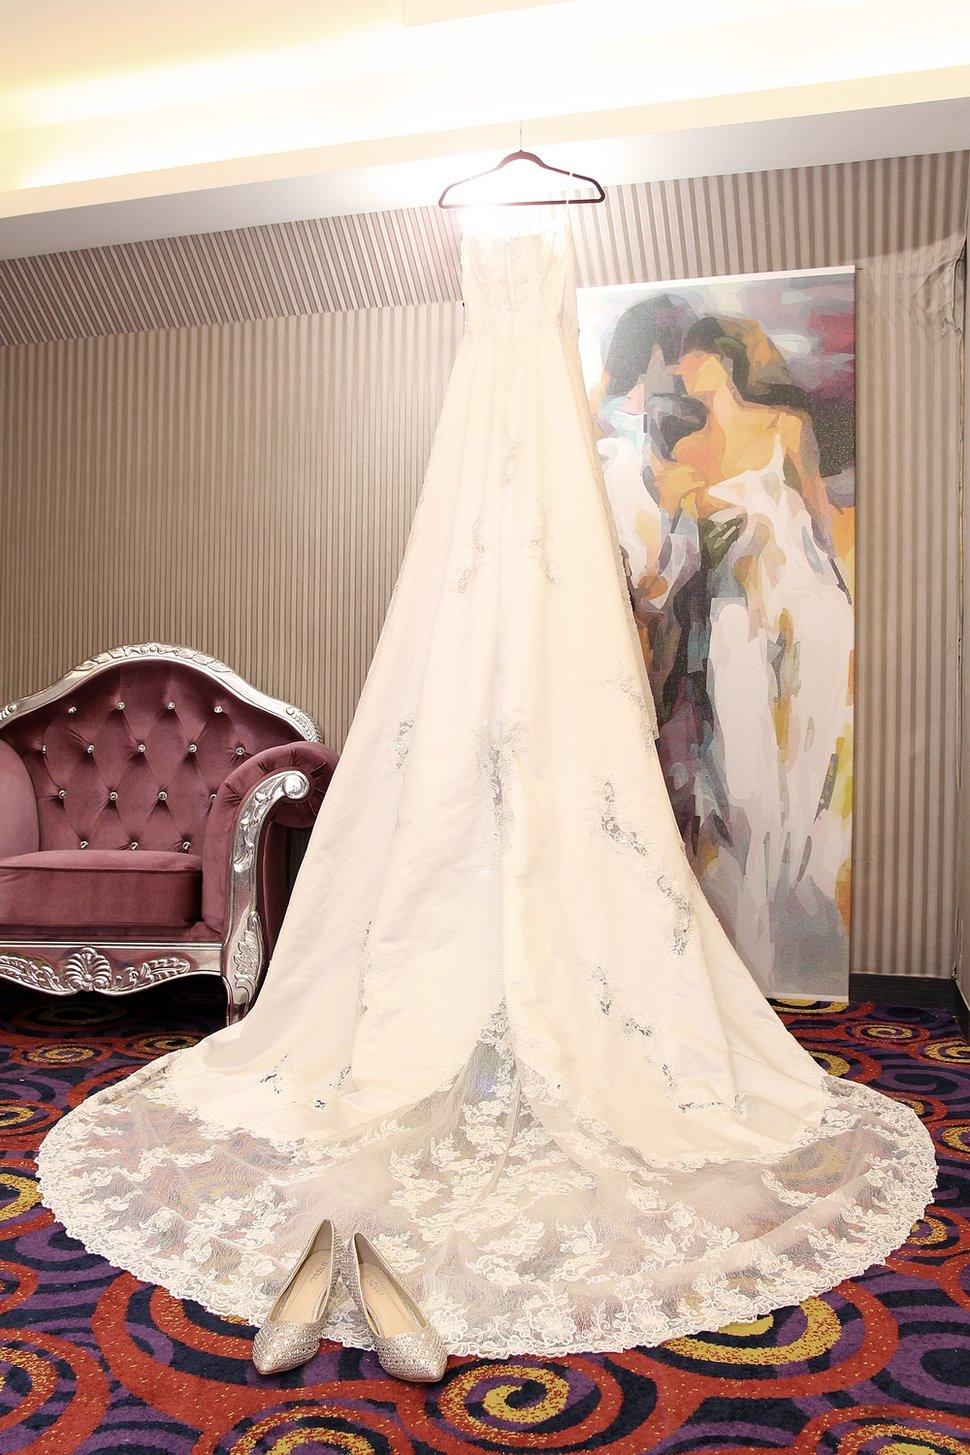 芳胤&雅雲(儀式+午宴)(編號:431260) - 瑞比特婚禮紀錄攝影 - 結婚吧一站式婚禮服務平台